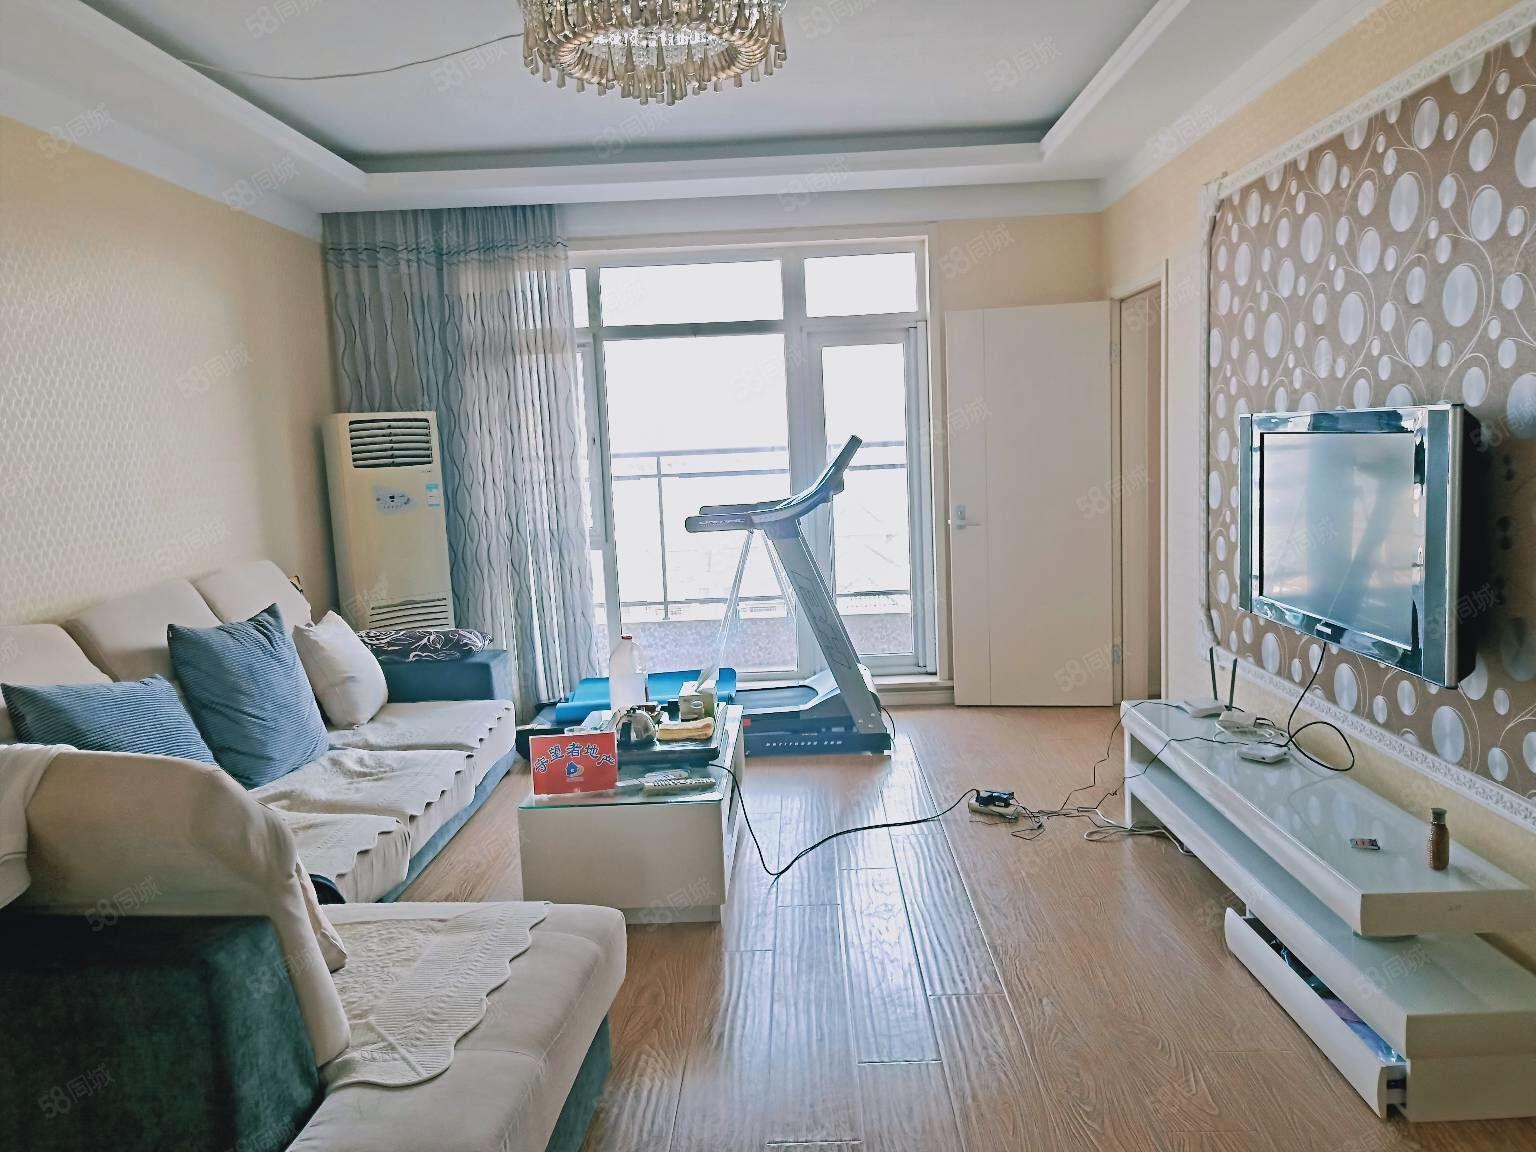 现在风格简约欧式装修南北通厅3室2厅1卫大三室拎包就住